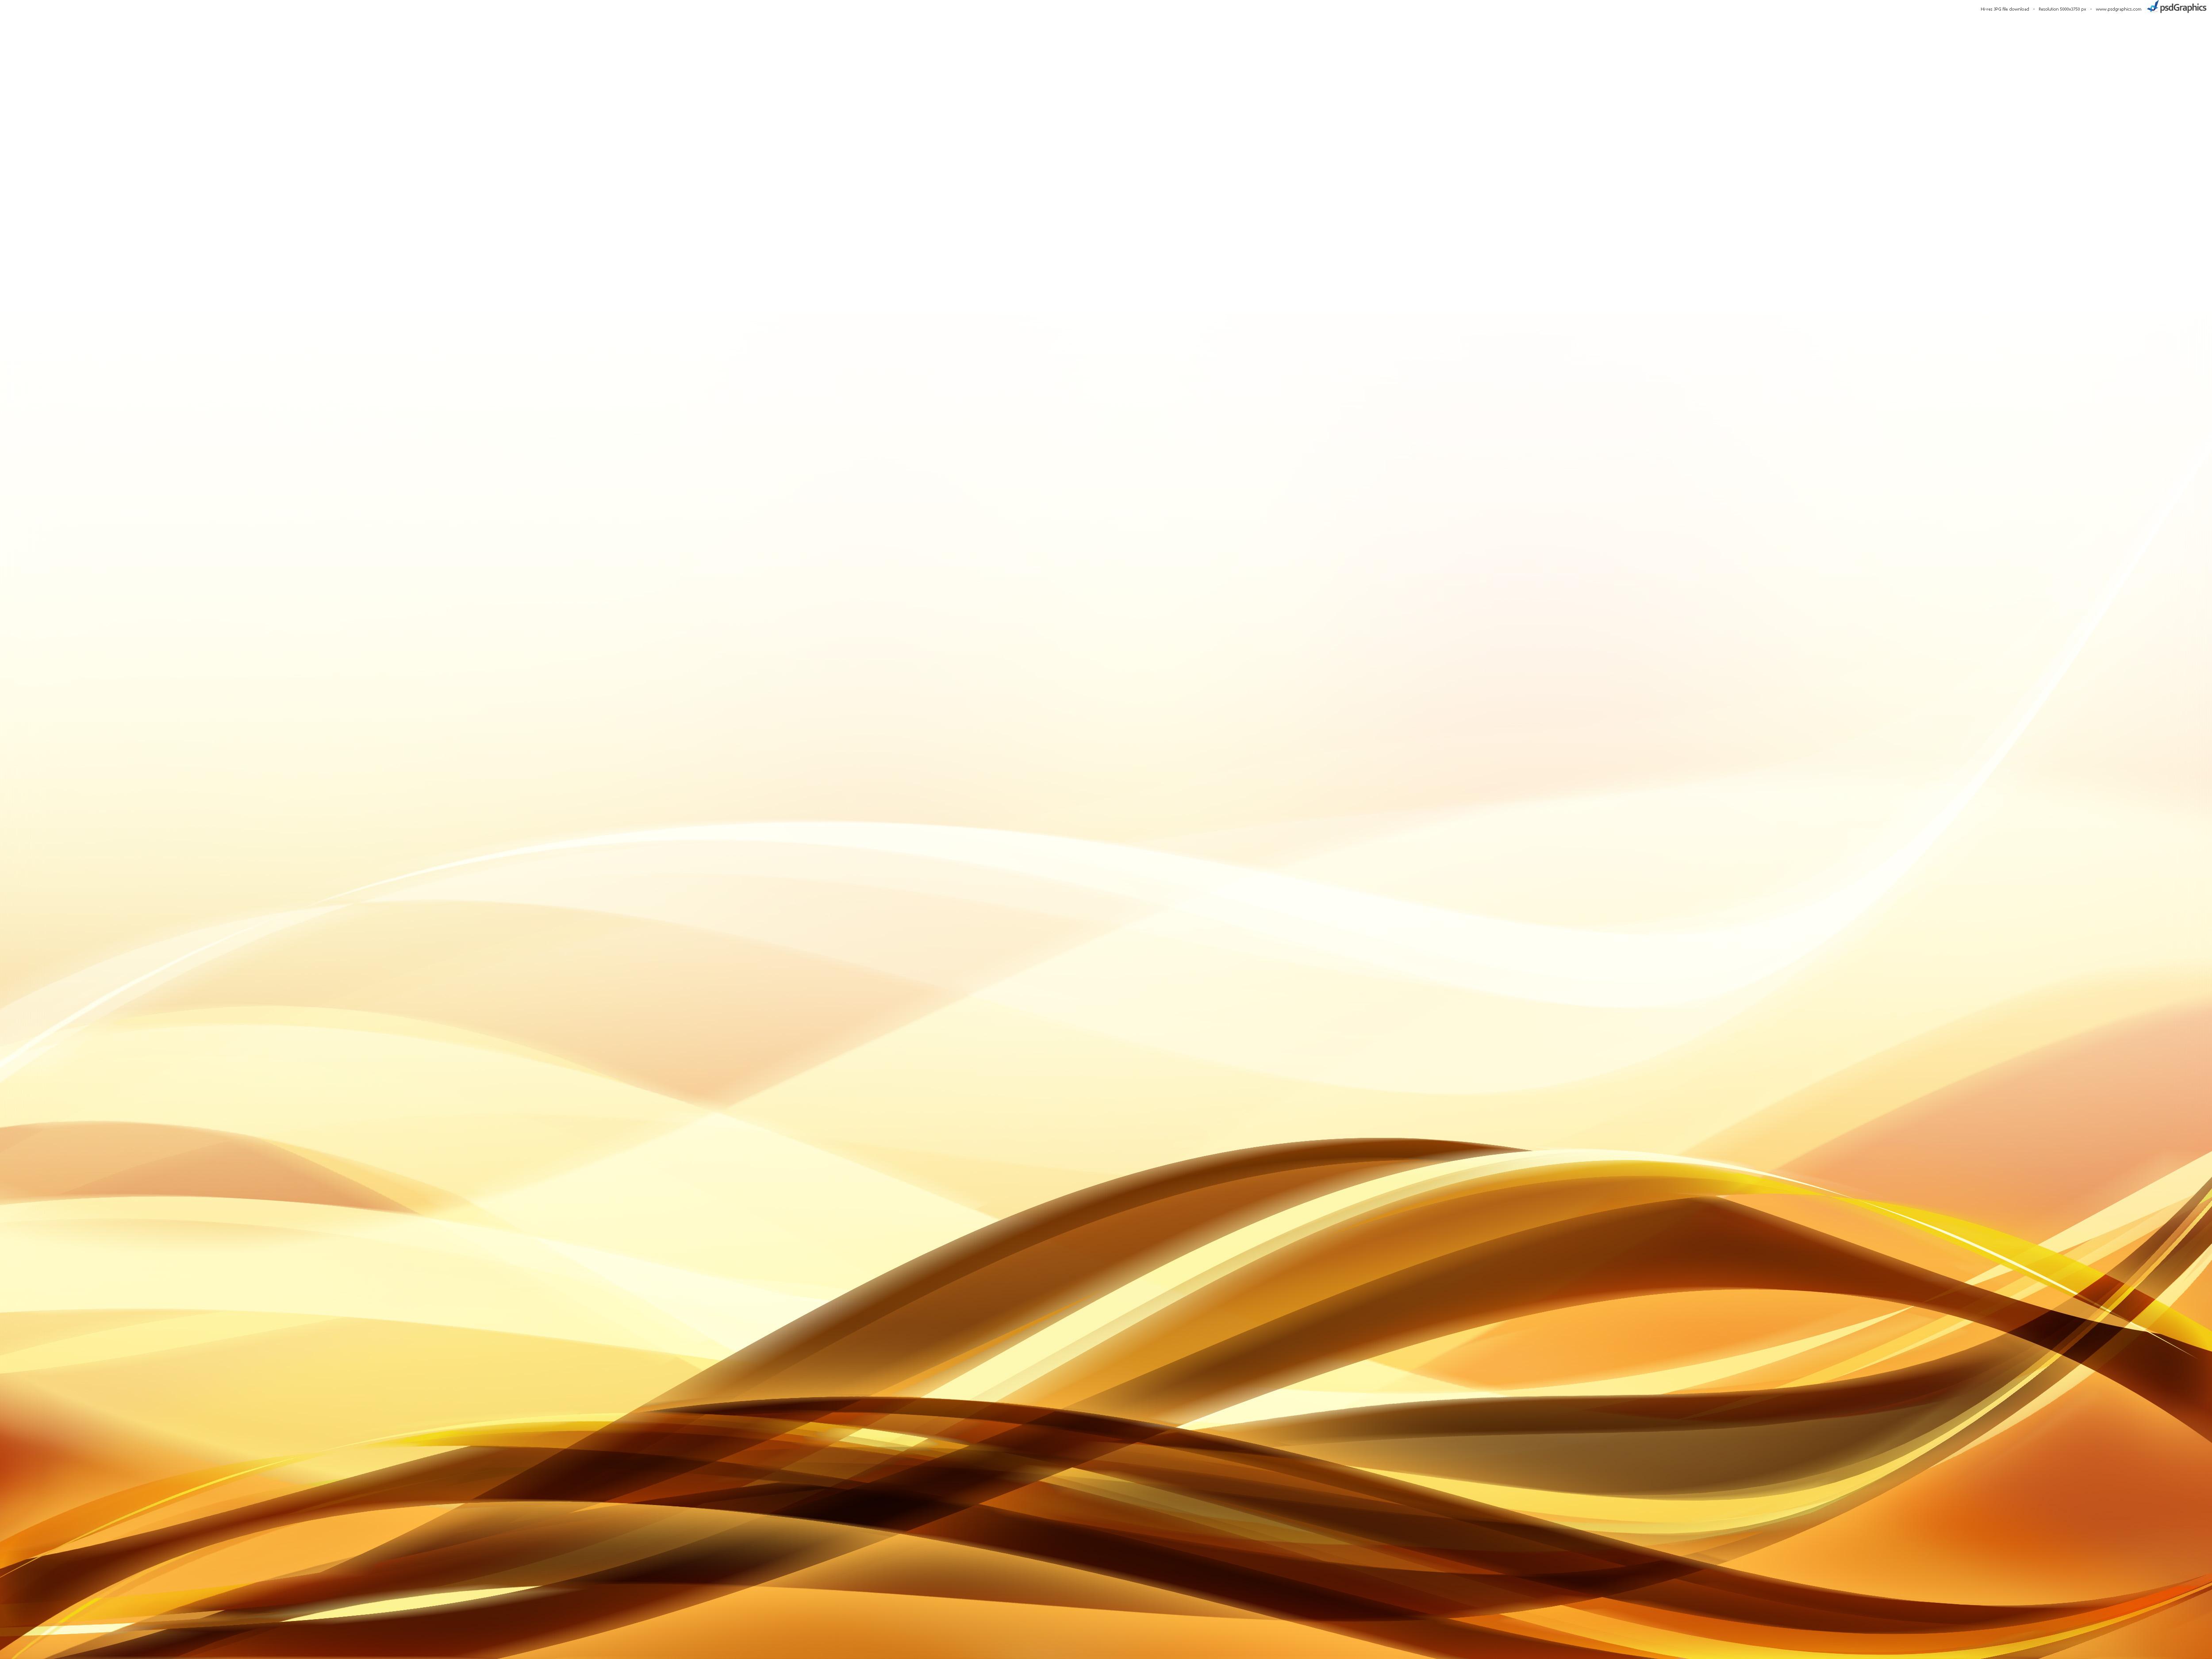 Black and Gold Abstract Wallpaper - WallpaperSafari